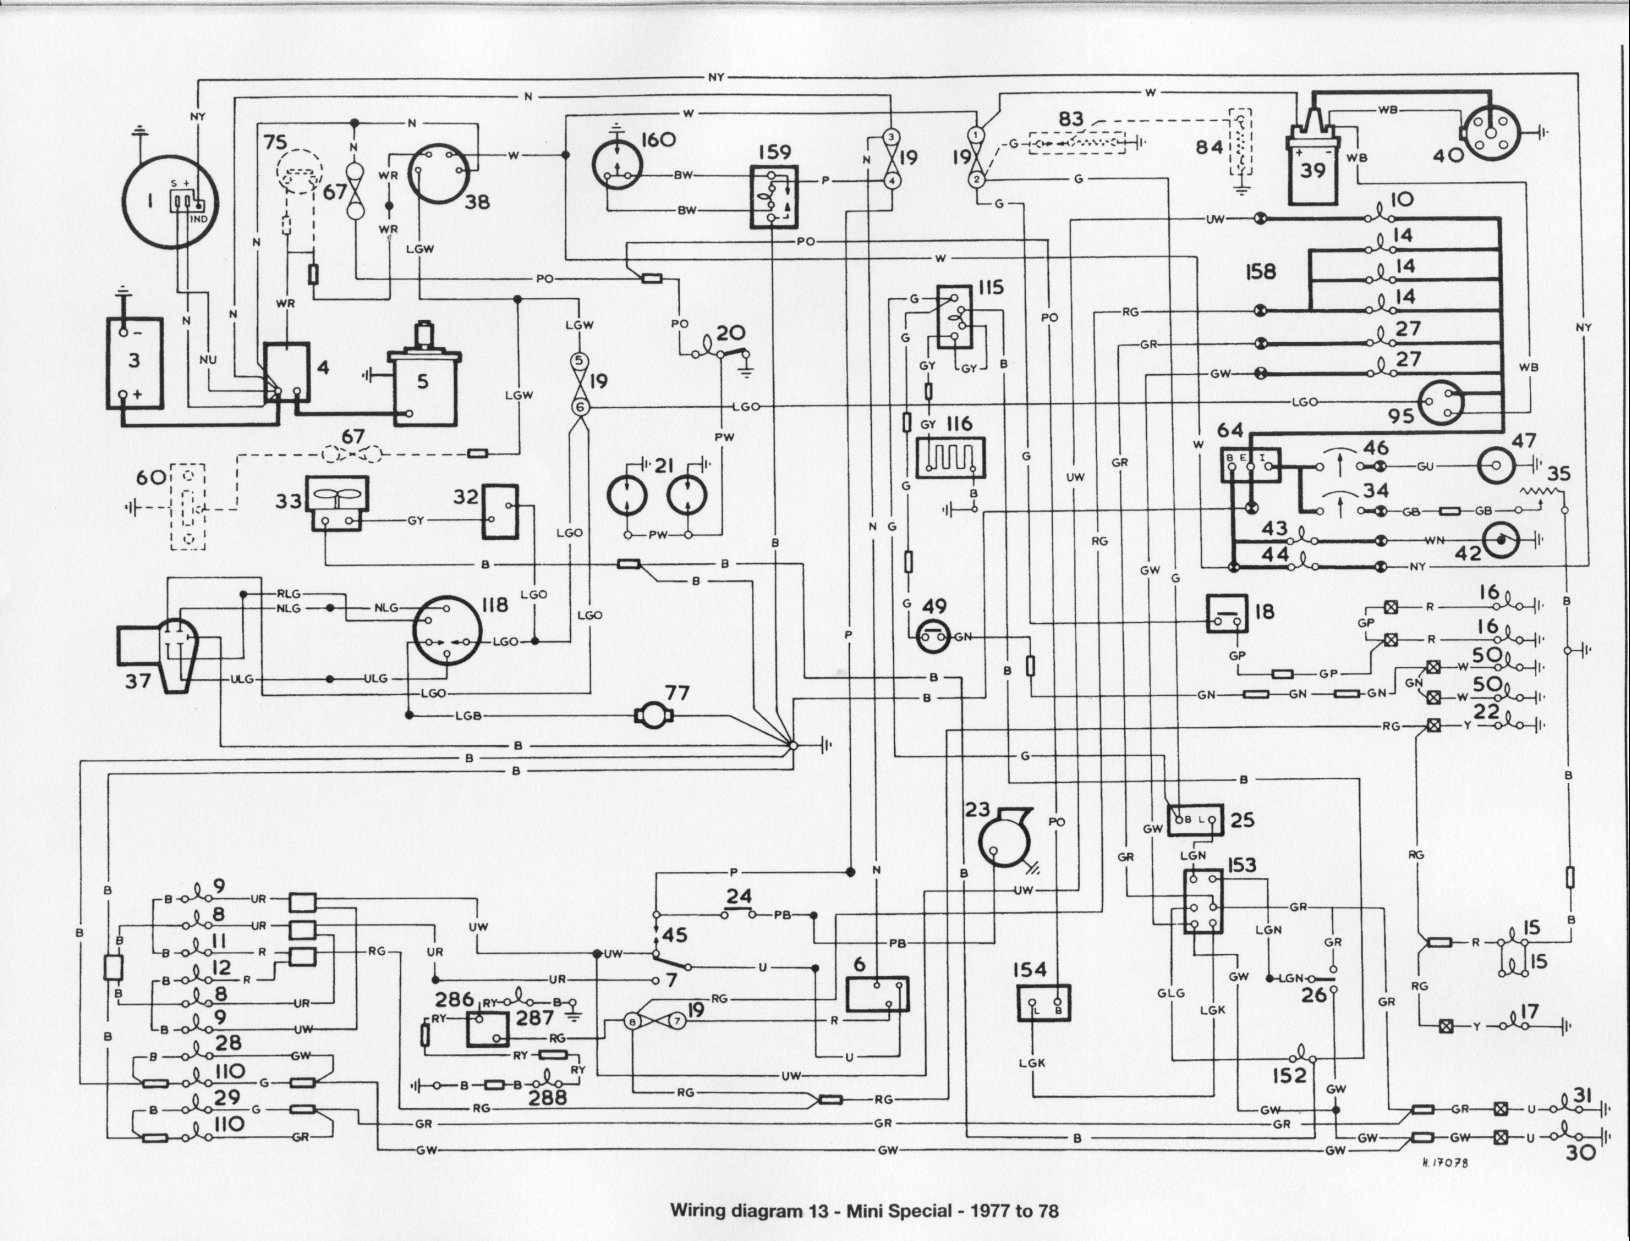 2006 Mini Cooper Engine Compartment Diagram